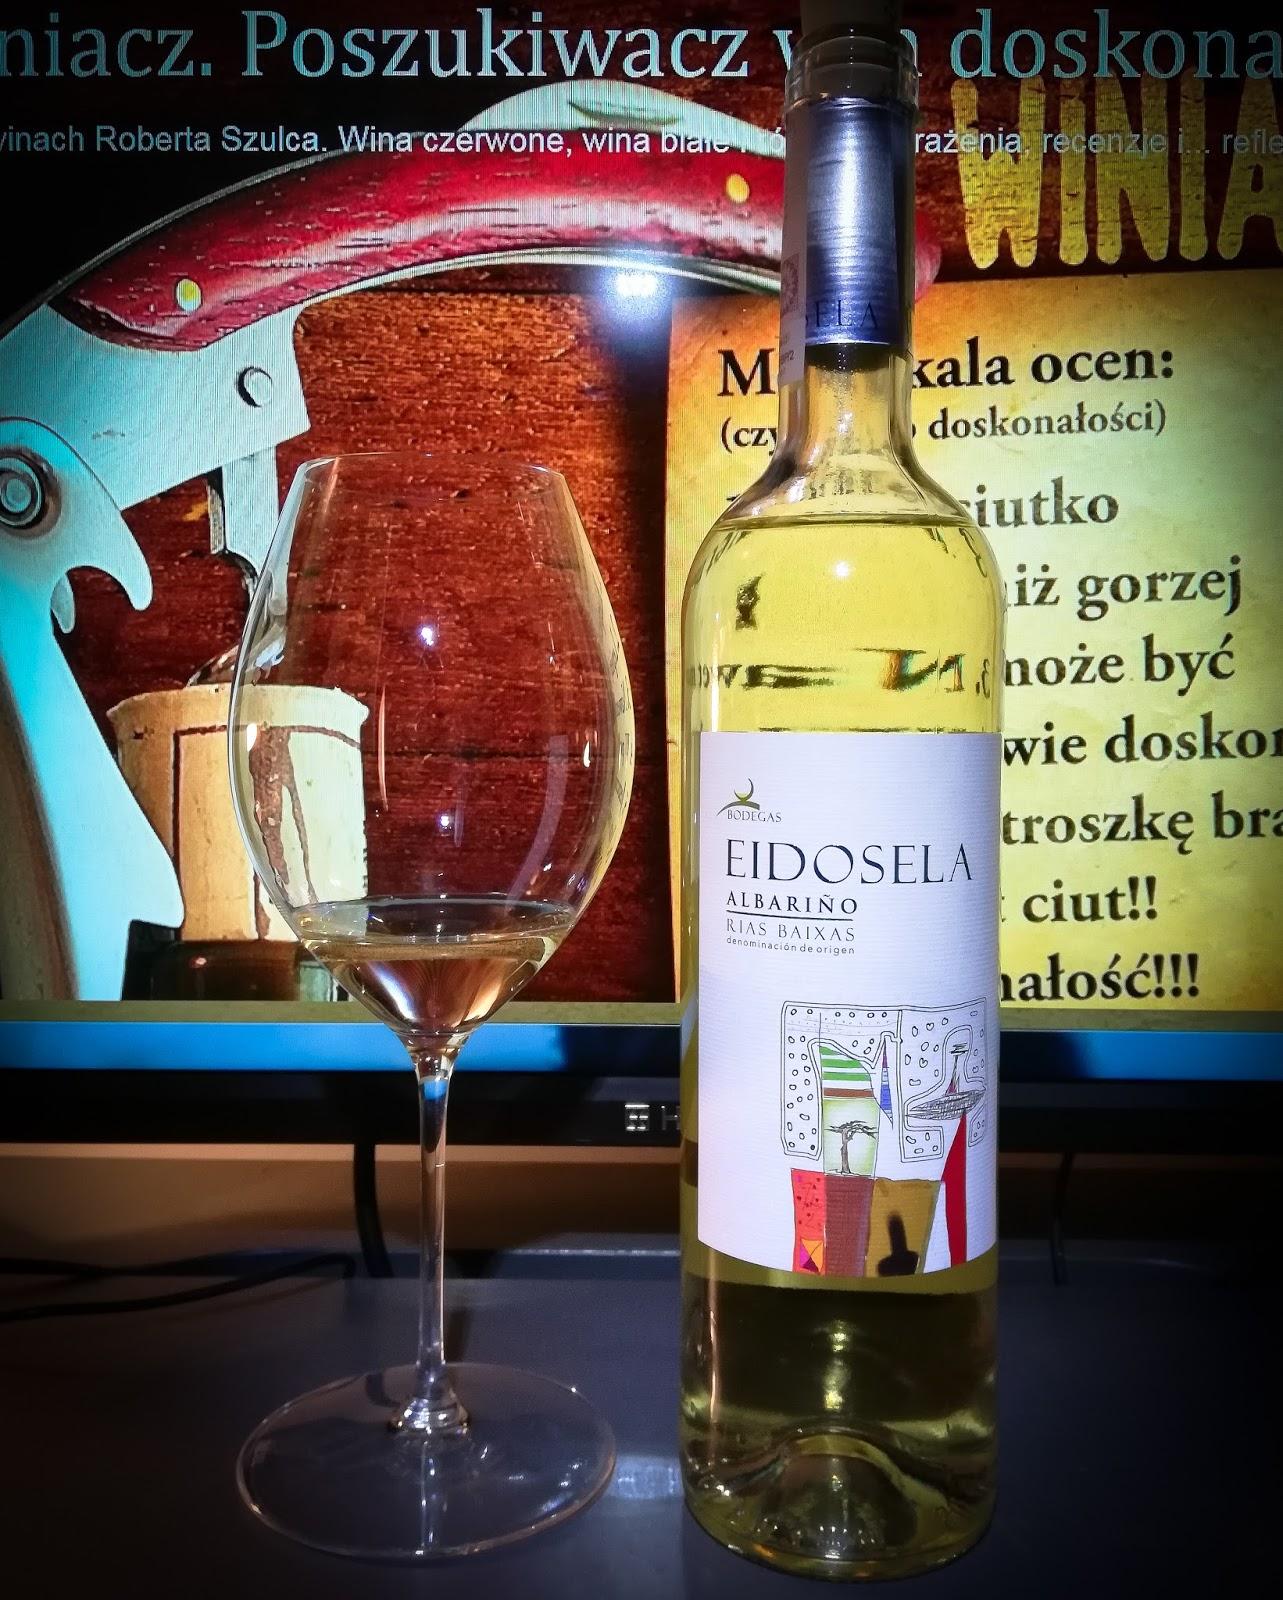 Winiacz Poszukiwacz Win Doskonałych Hiszpańskie Wina W Biedronce